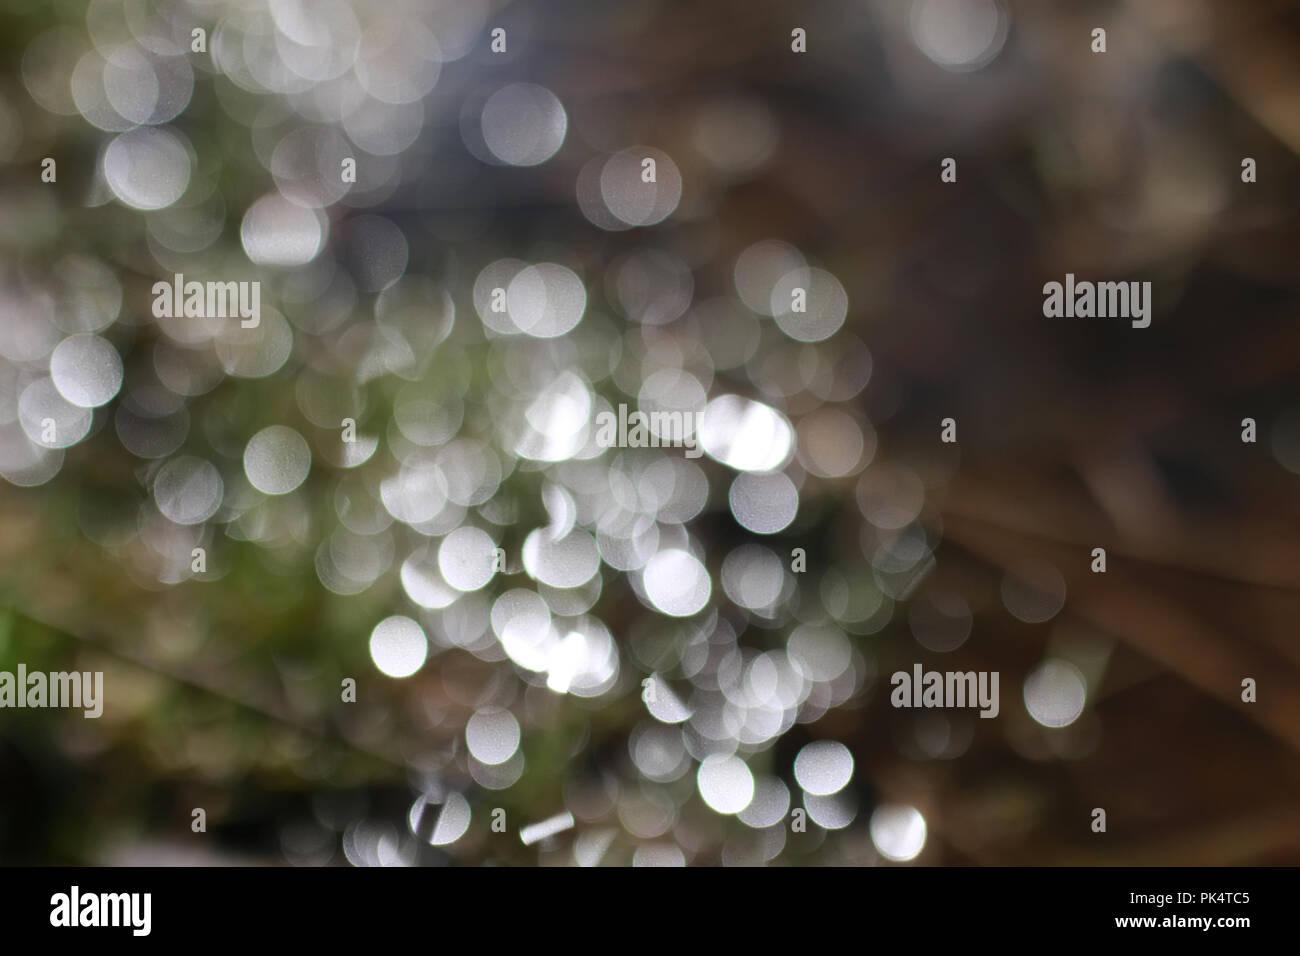 glare bokeh in water - Stock Image